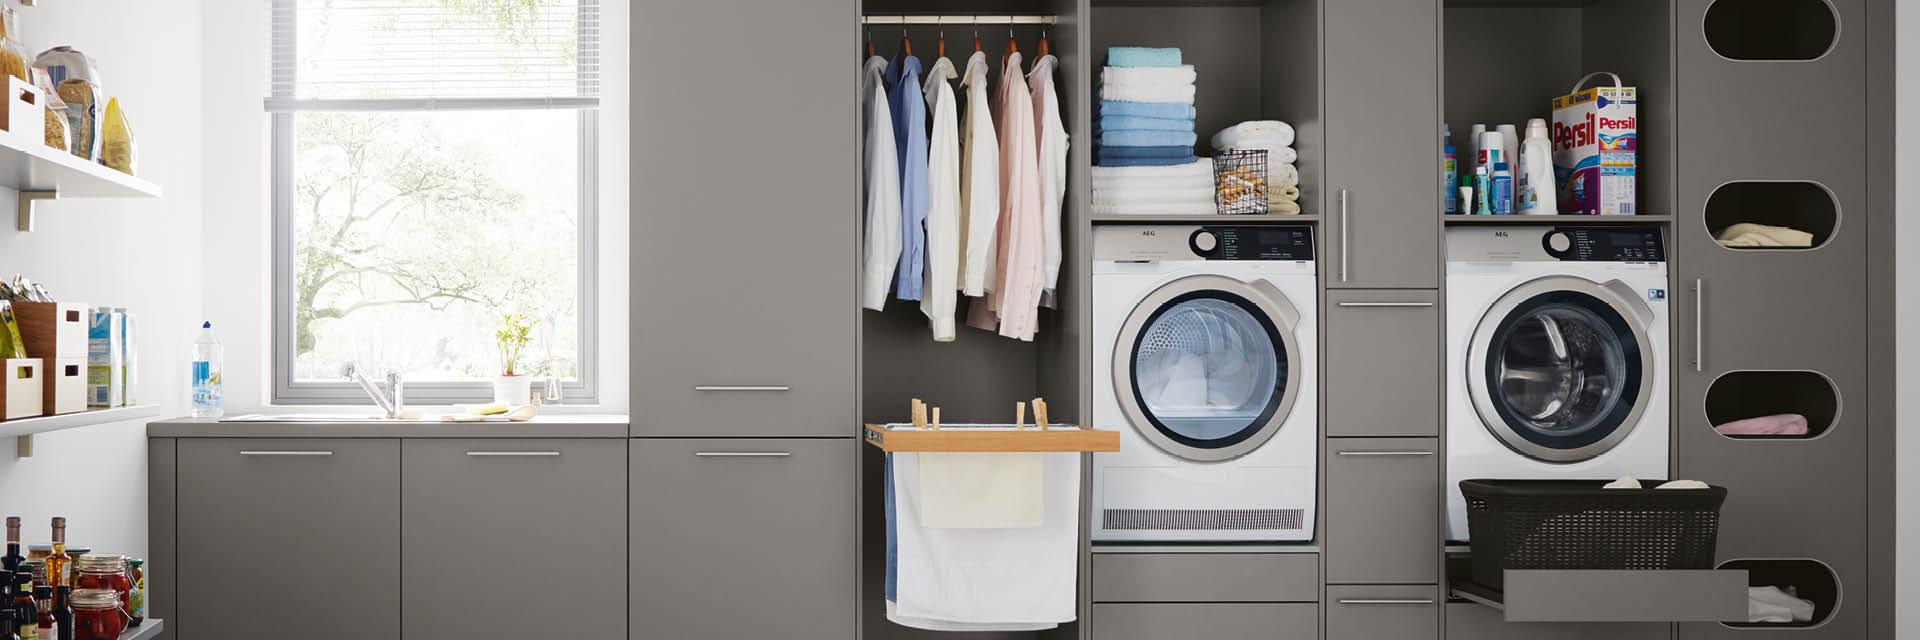 herzensangelegenheit der hauswirtschaftsraum. Black Bedroom Furniture Sets. Home Design Ideas